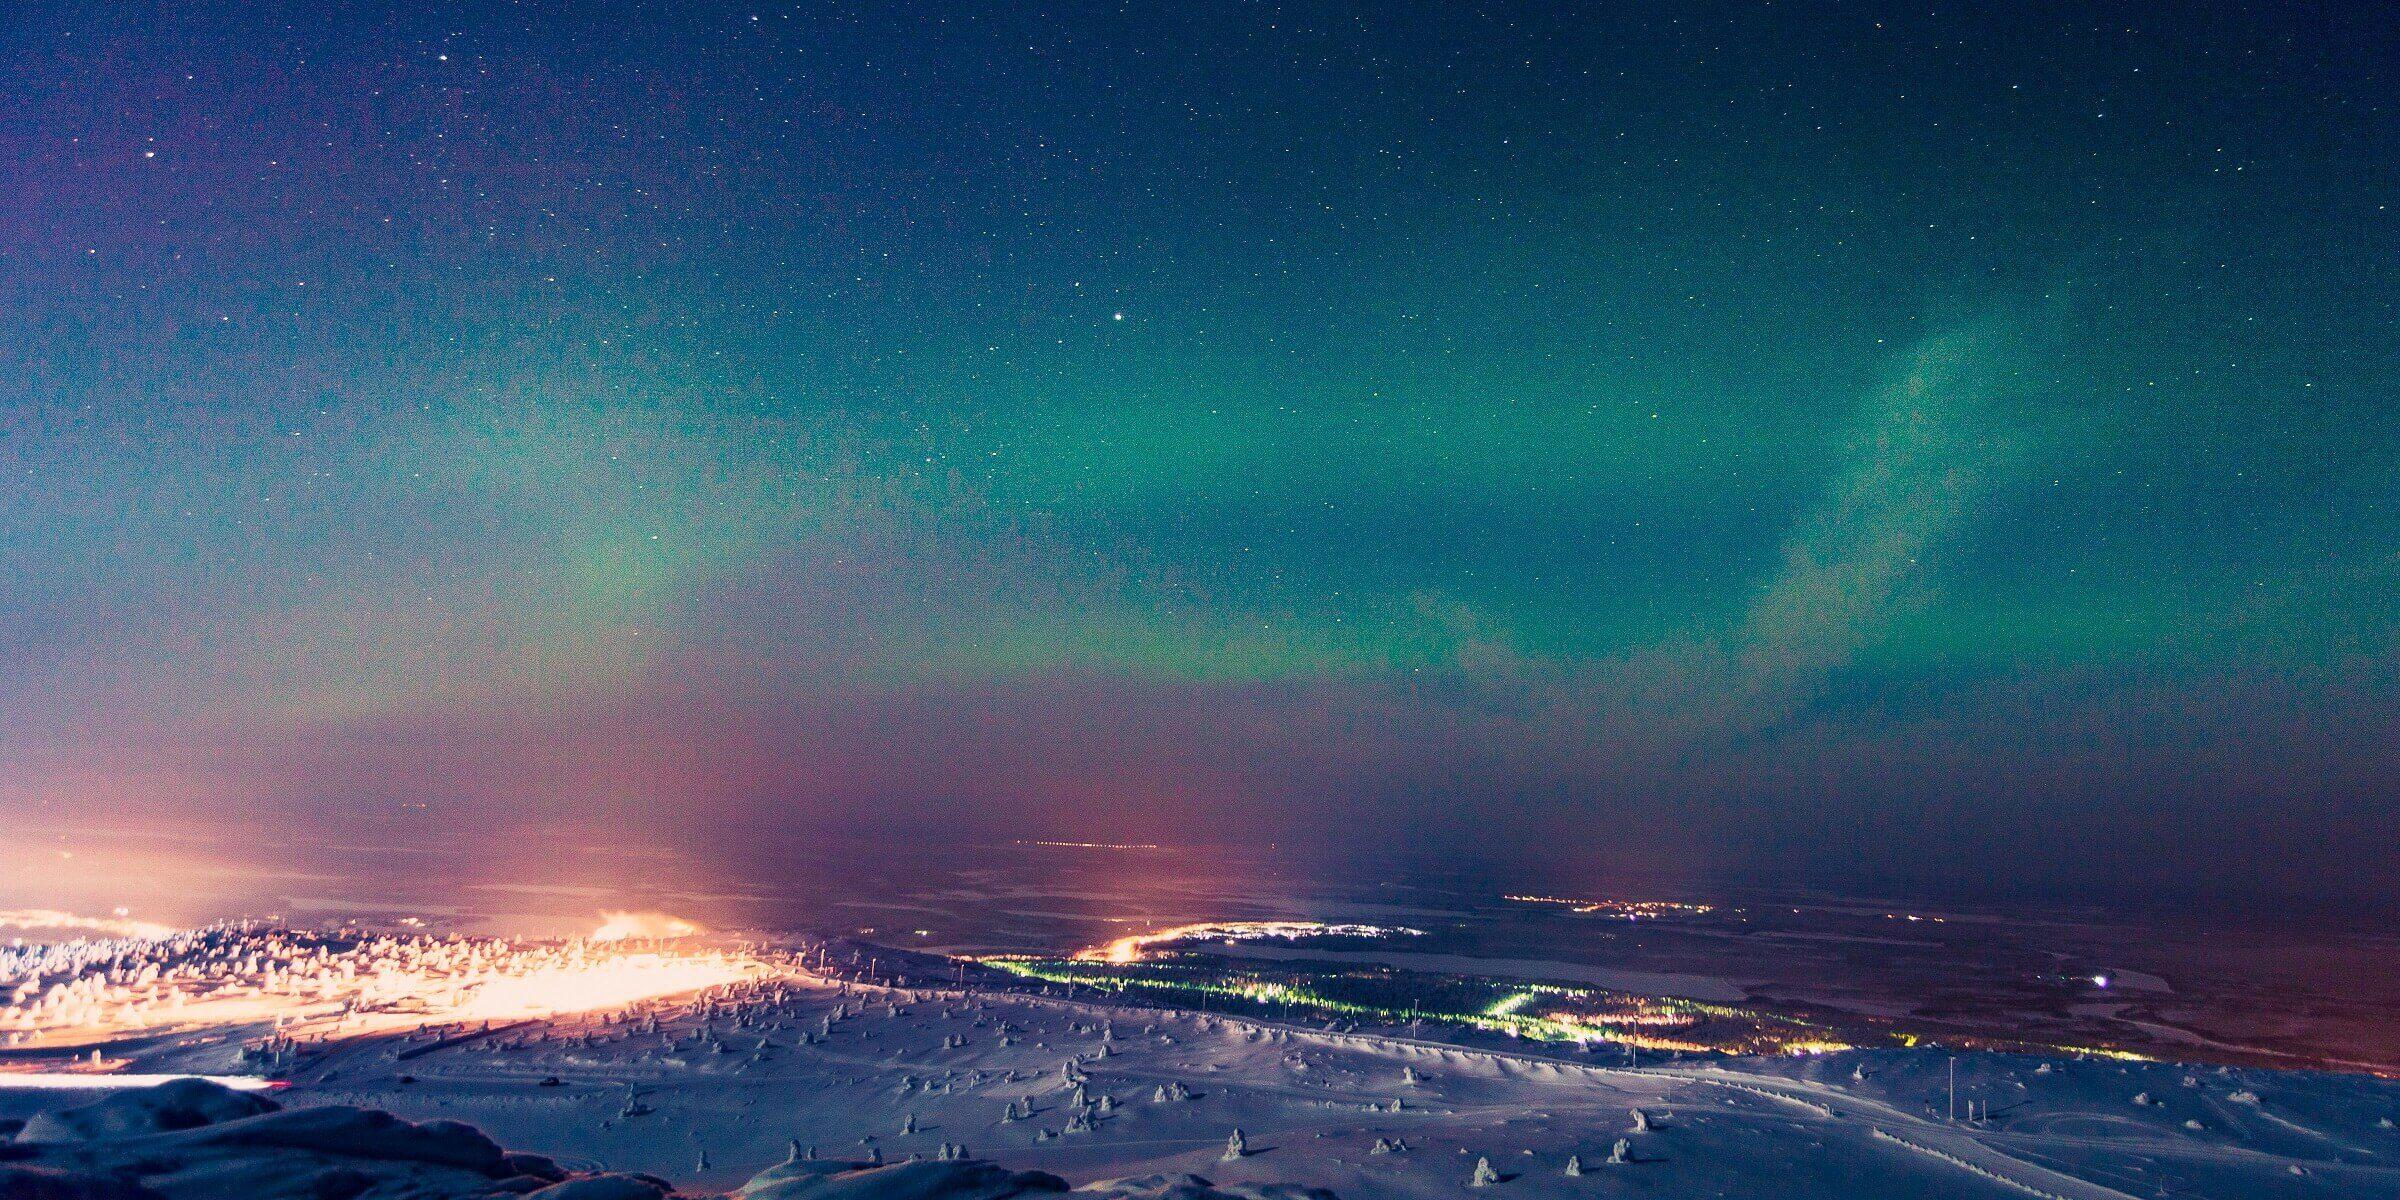 Wer die Polarlichter einmal sehen möchte, sollte unbedingt eine Reise nach Lappland machen